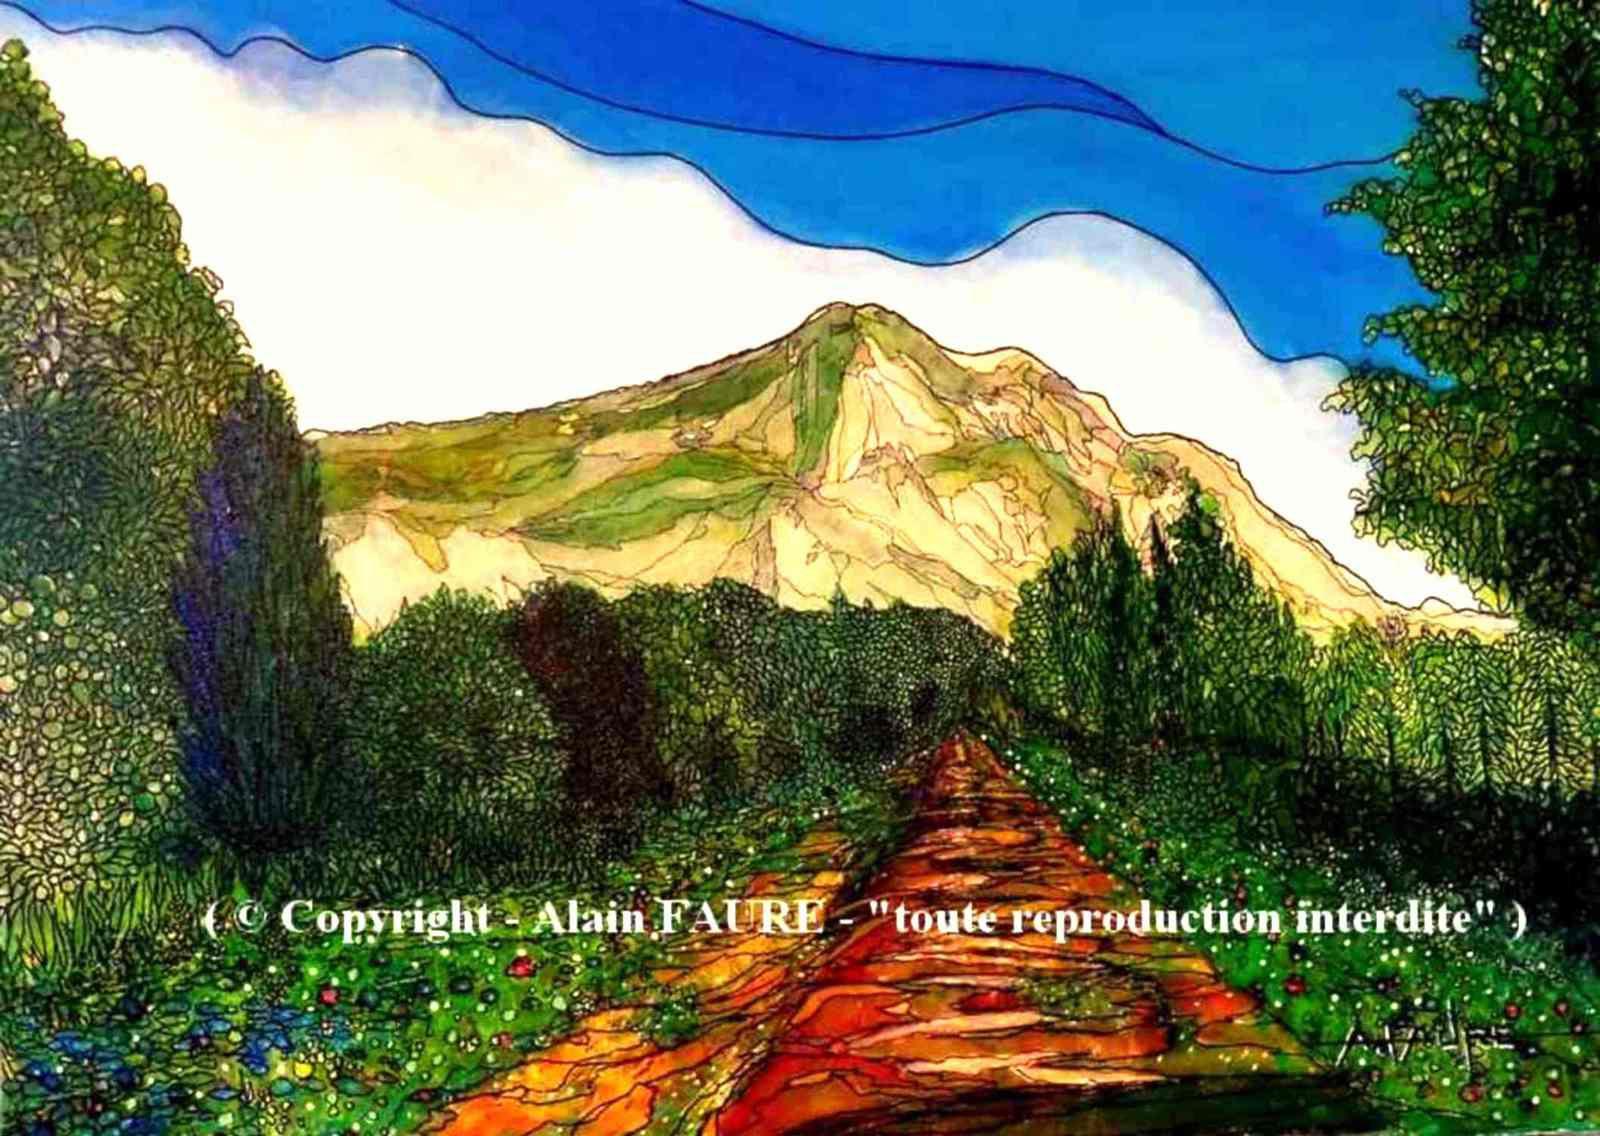 EMOTION SAINTE VICTOIRE Peinture Acrylique sur Toile : 70 x 50 cm.....1100 € Quel que soit  le côté par lequel on l'aborde, elle étonne toujours par sa structure et ses couleurs. Belle dame au cœur de la Provence, elle s'étend sur 18 km de long et 5 de large et ses nombreux paysages enchantent les randonneurs. Dévastée par un gigantesque incendie en 1989 qui détruisit près de 5500 ha, elle est depuis protégée par une association ainsi qu'un syndicat mixte créé en 2000.